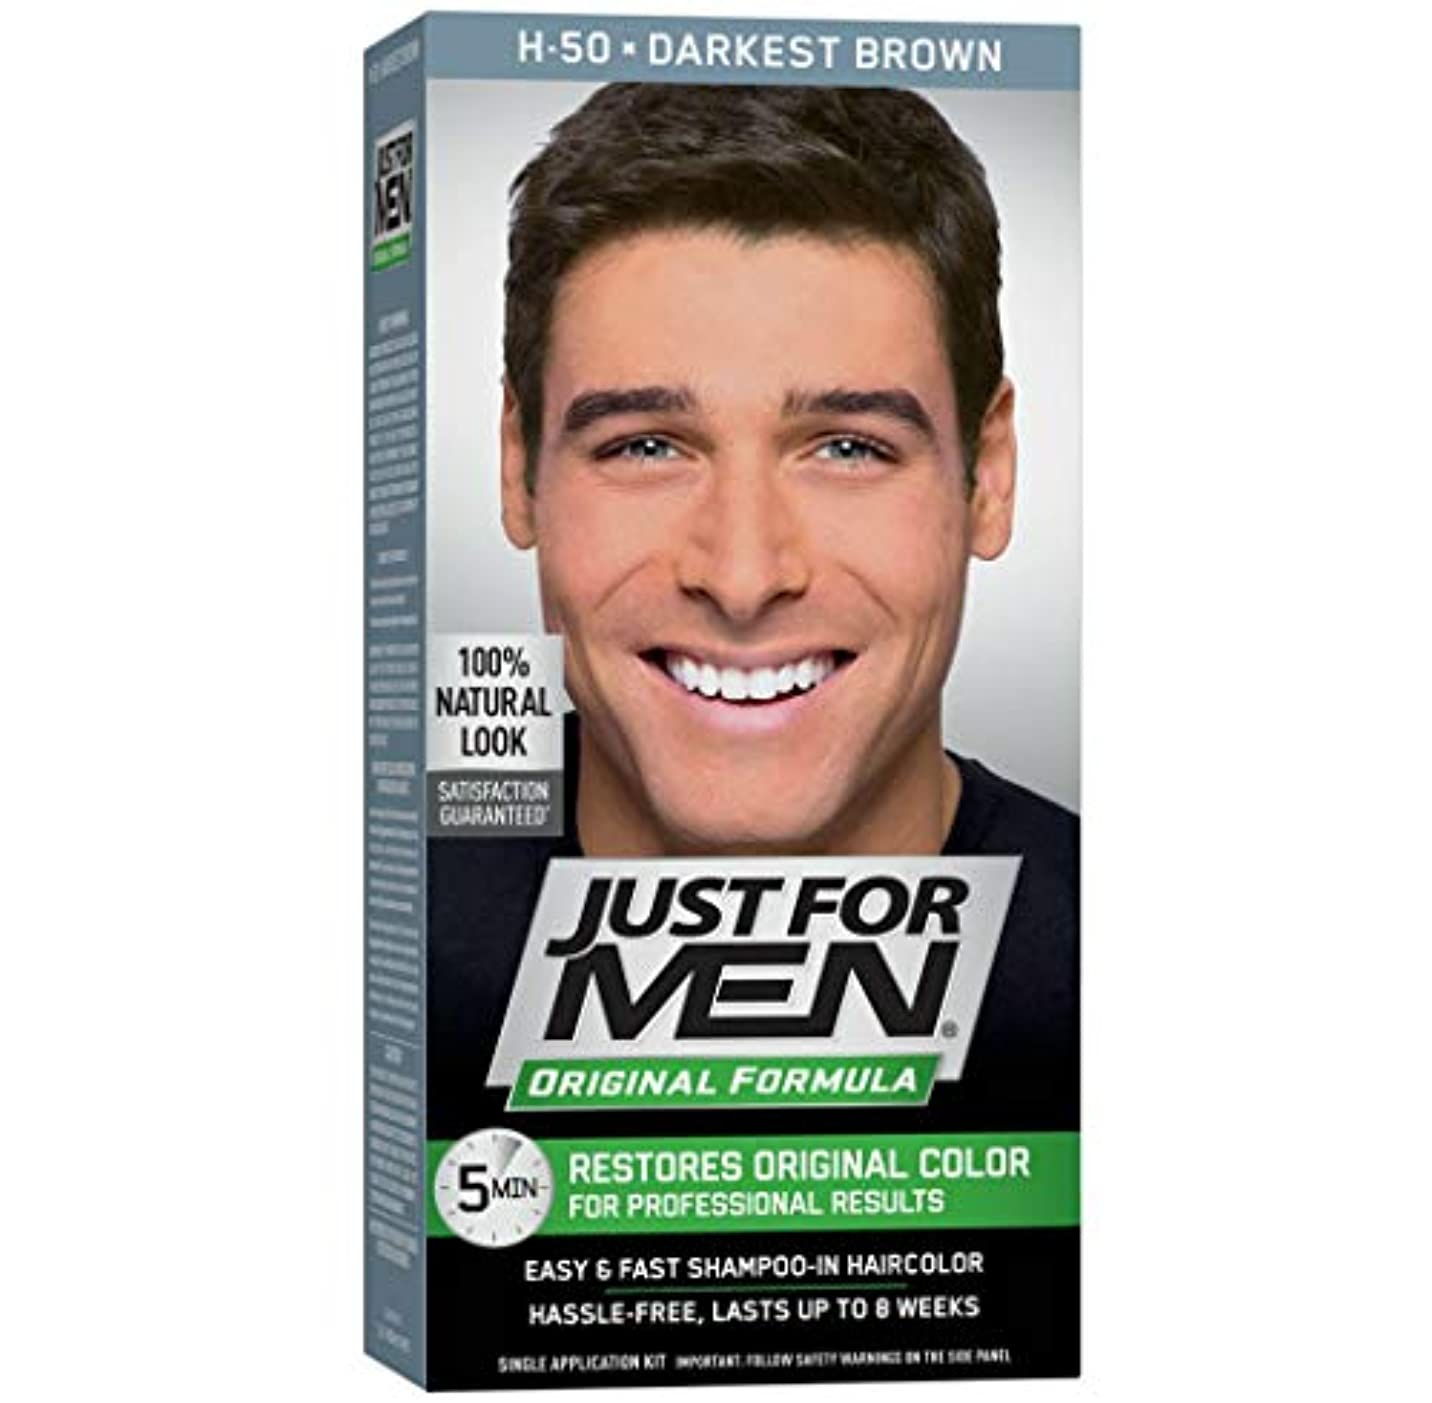 タワーペインティングウガンダJust for Men Shampoo-In Hair Color Darkest Brown 50 (並行輸入品)